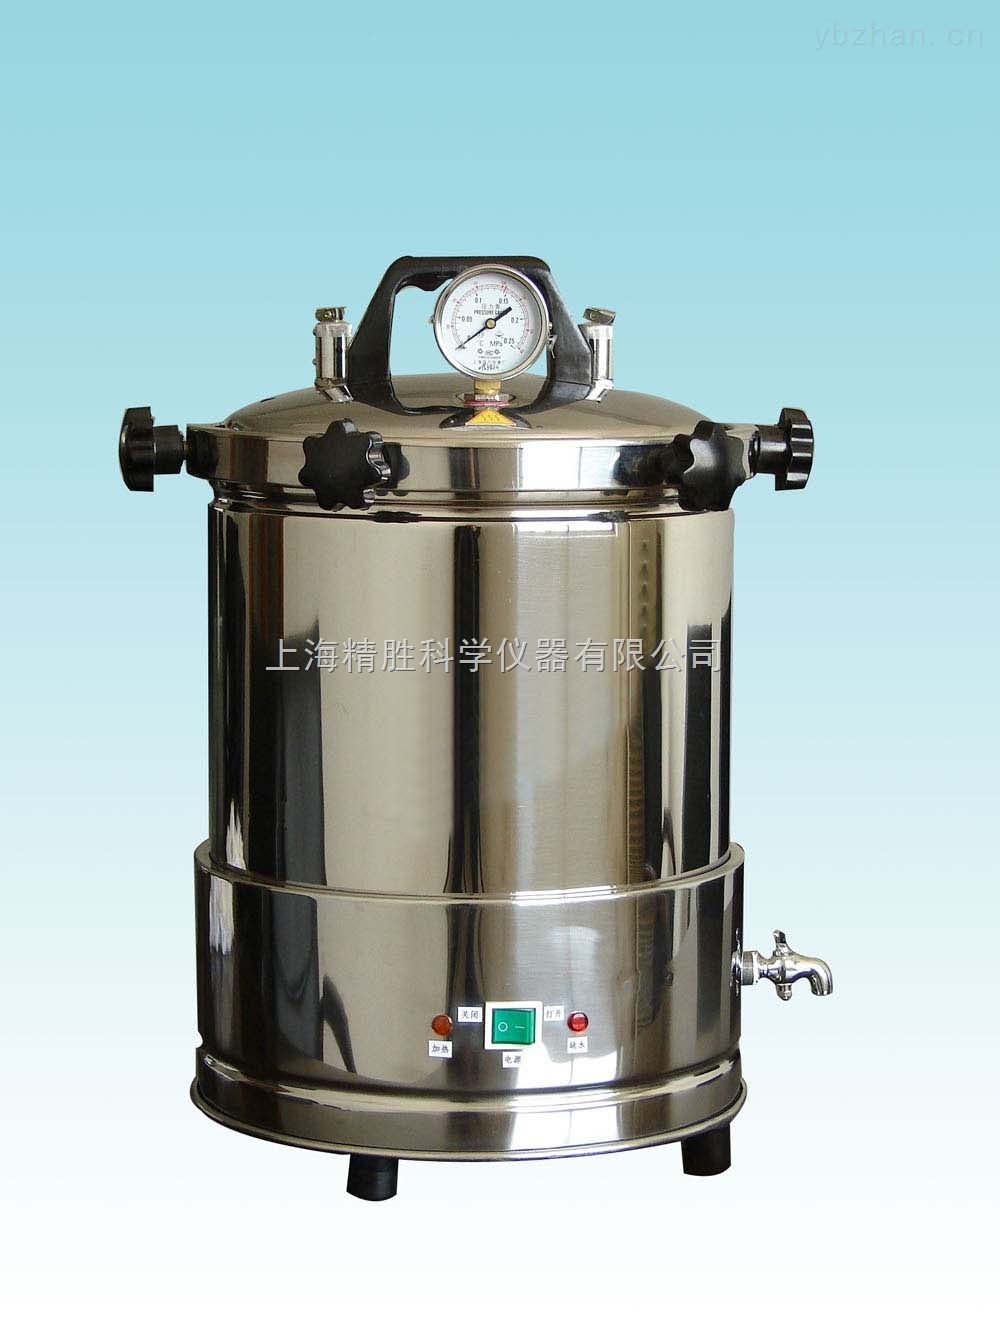 YX280A-手提式不锈钢压力蒸汽灭菌器(定时数控)